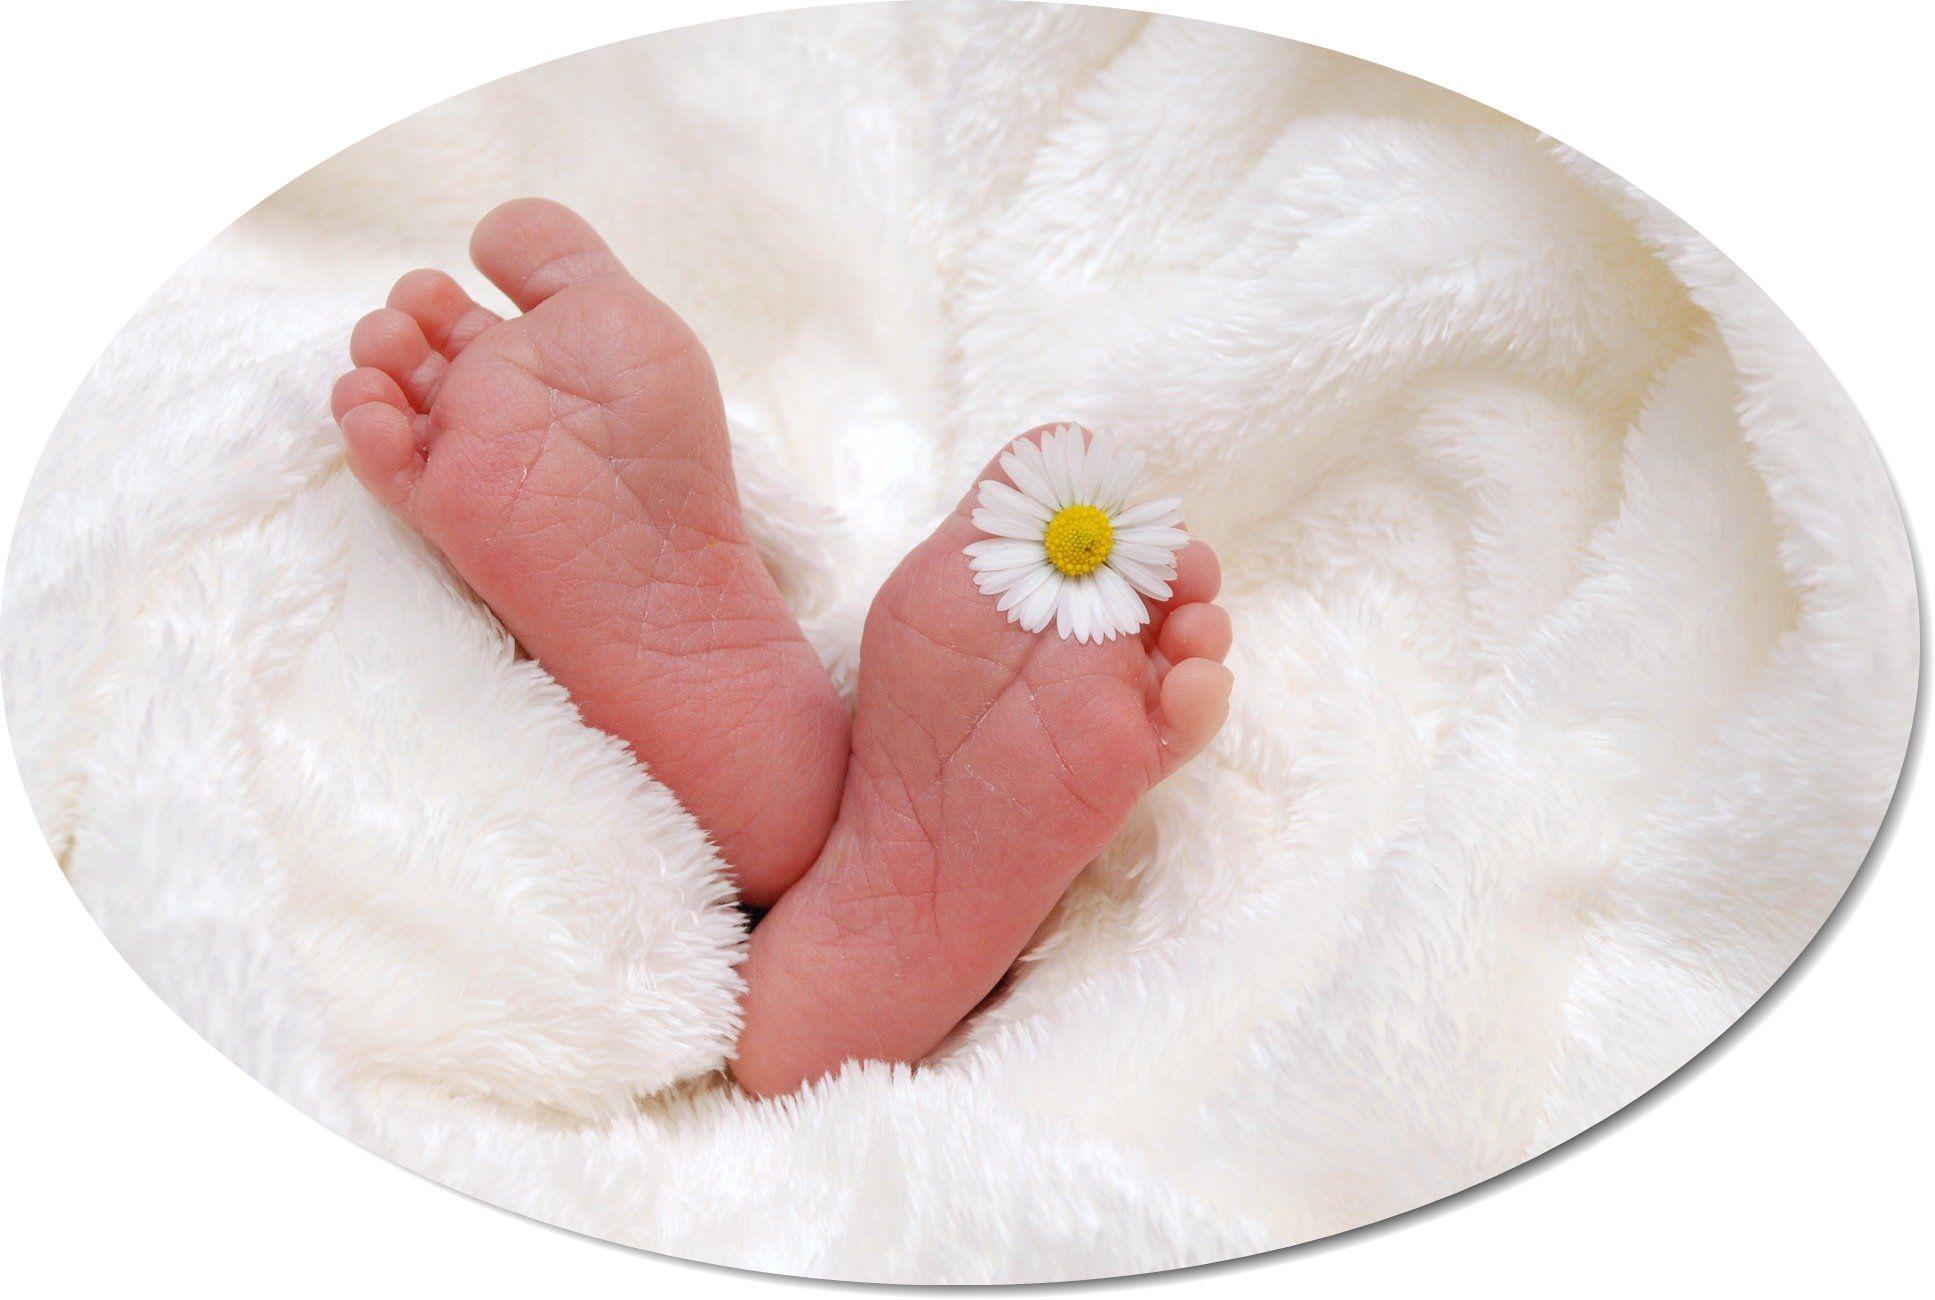 baby-718146_1920-1